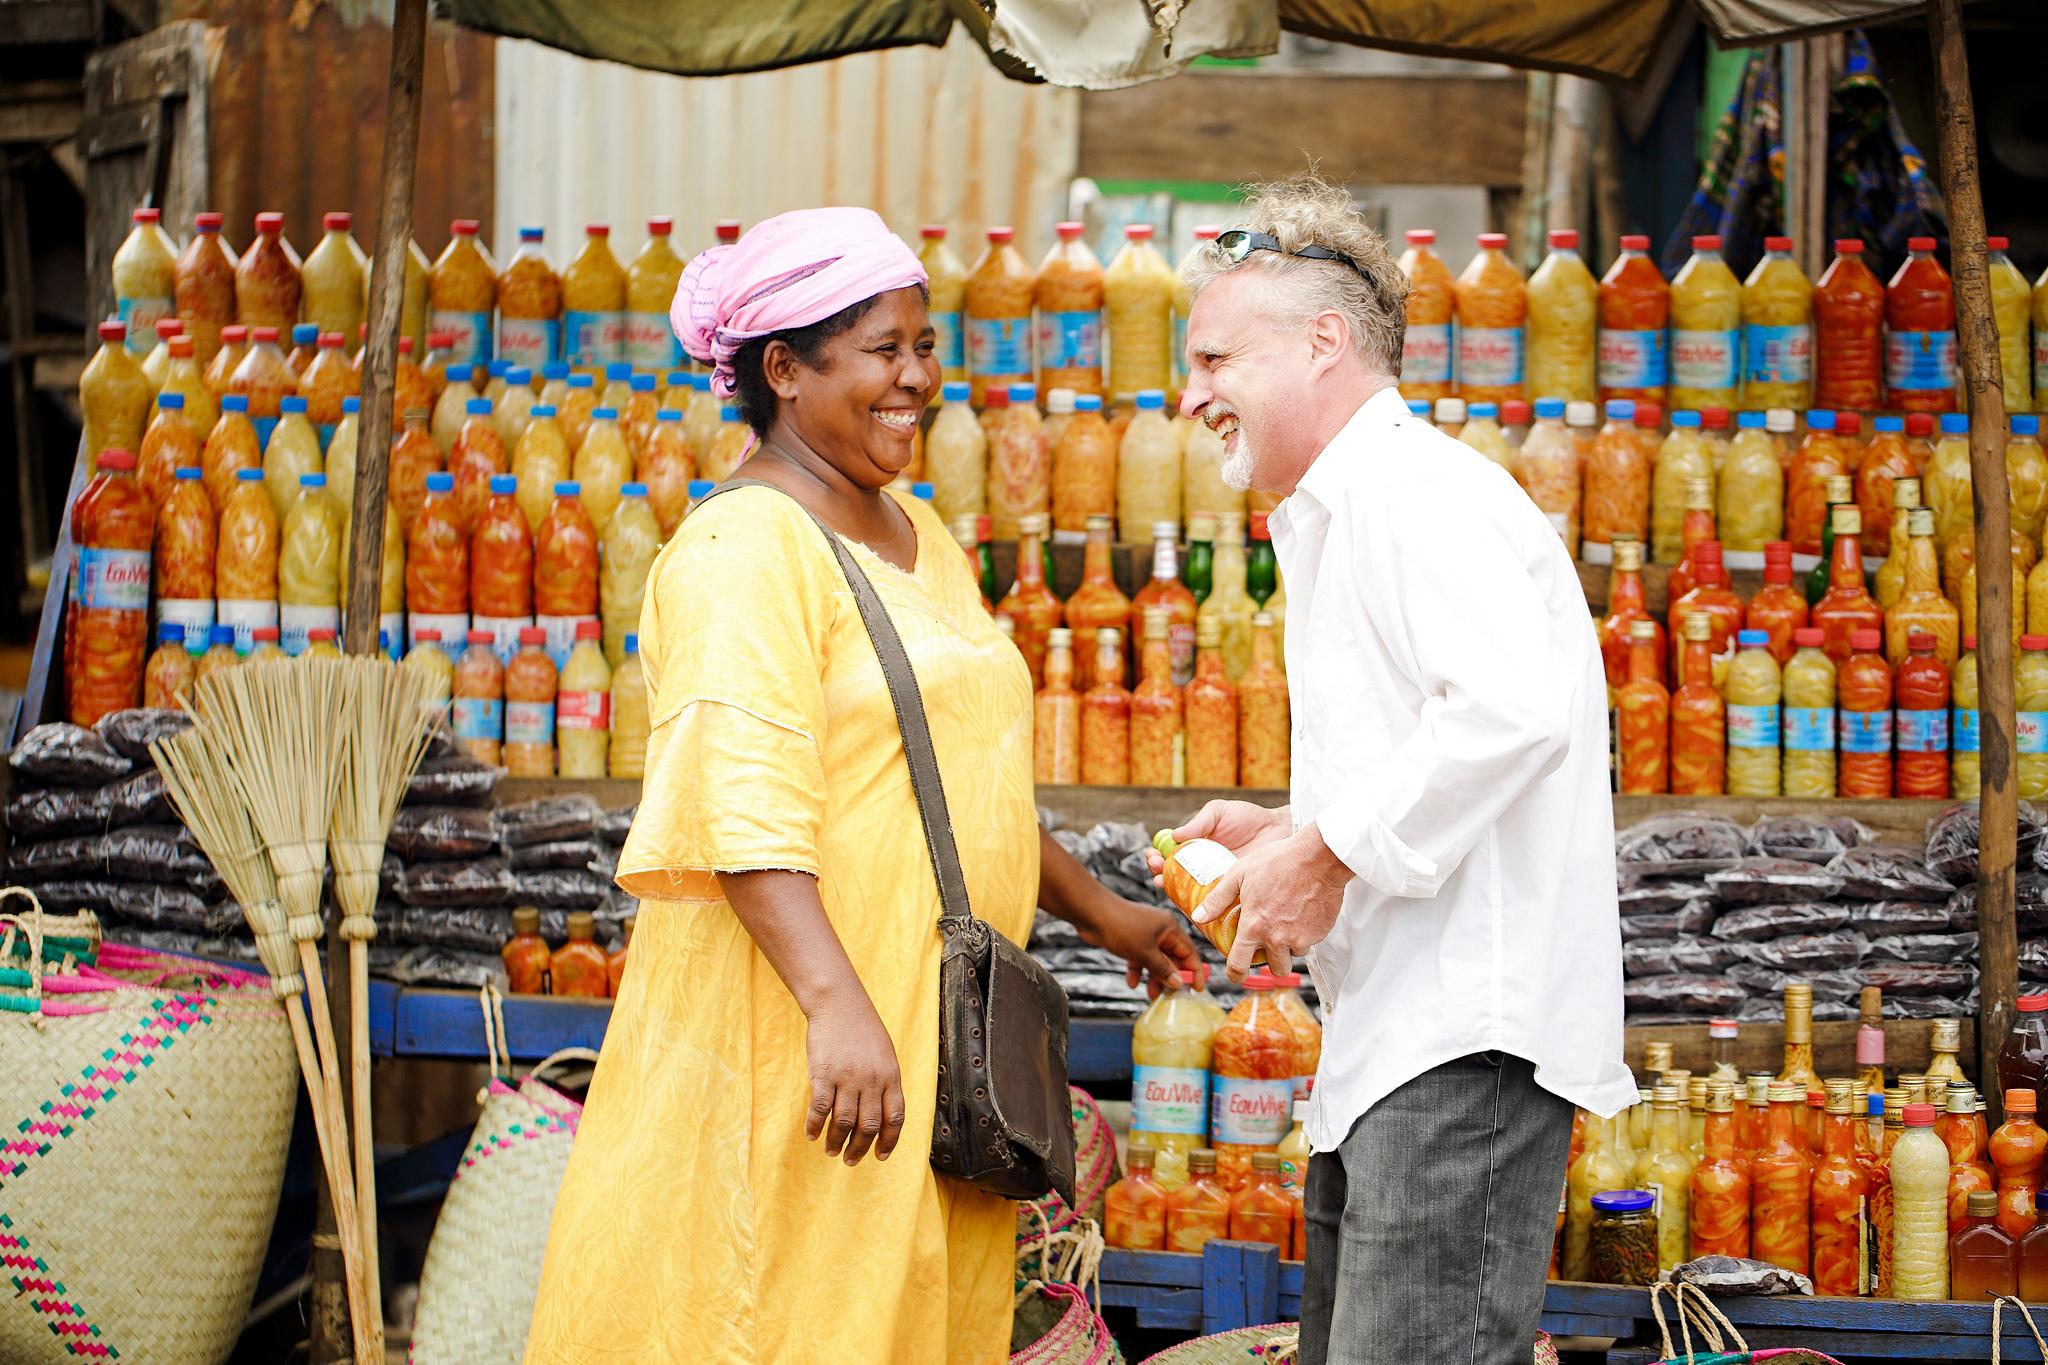 homme et femme malgache qui rient marché écotourisme